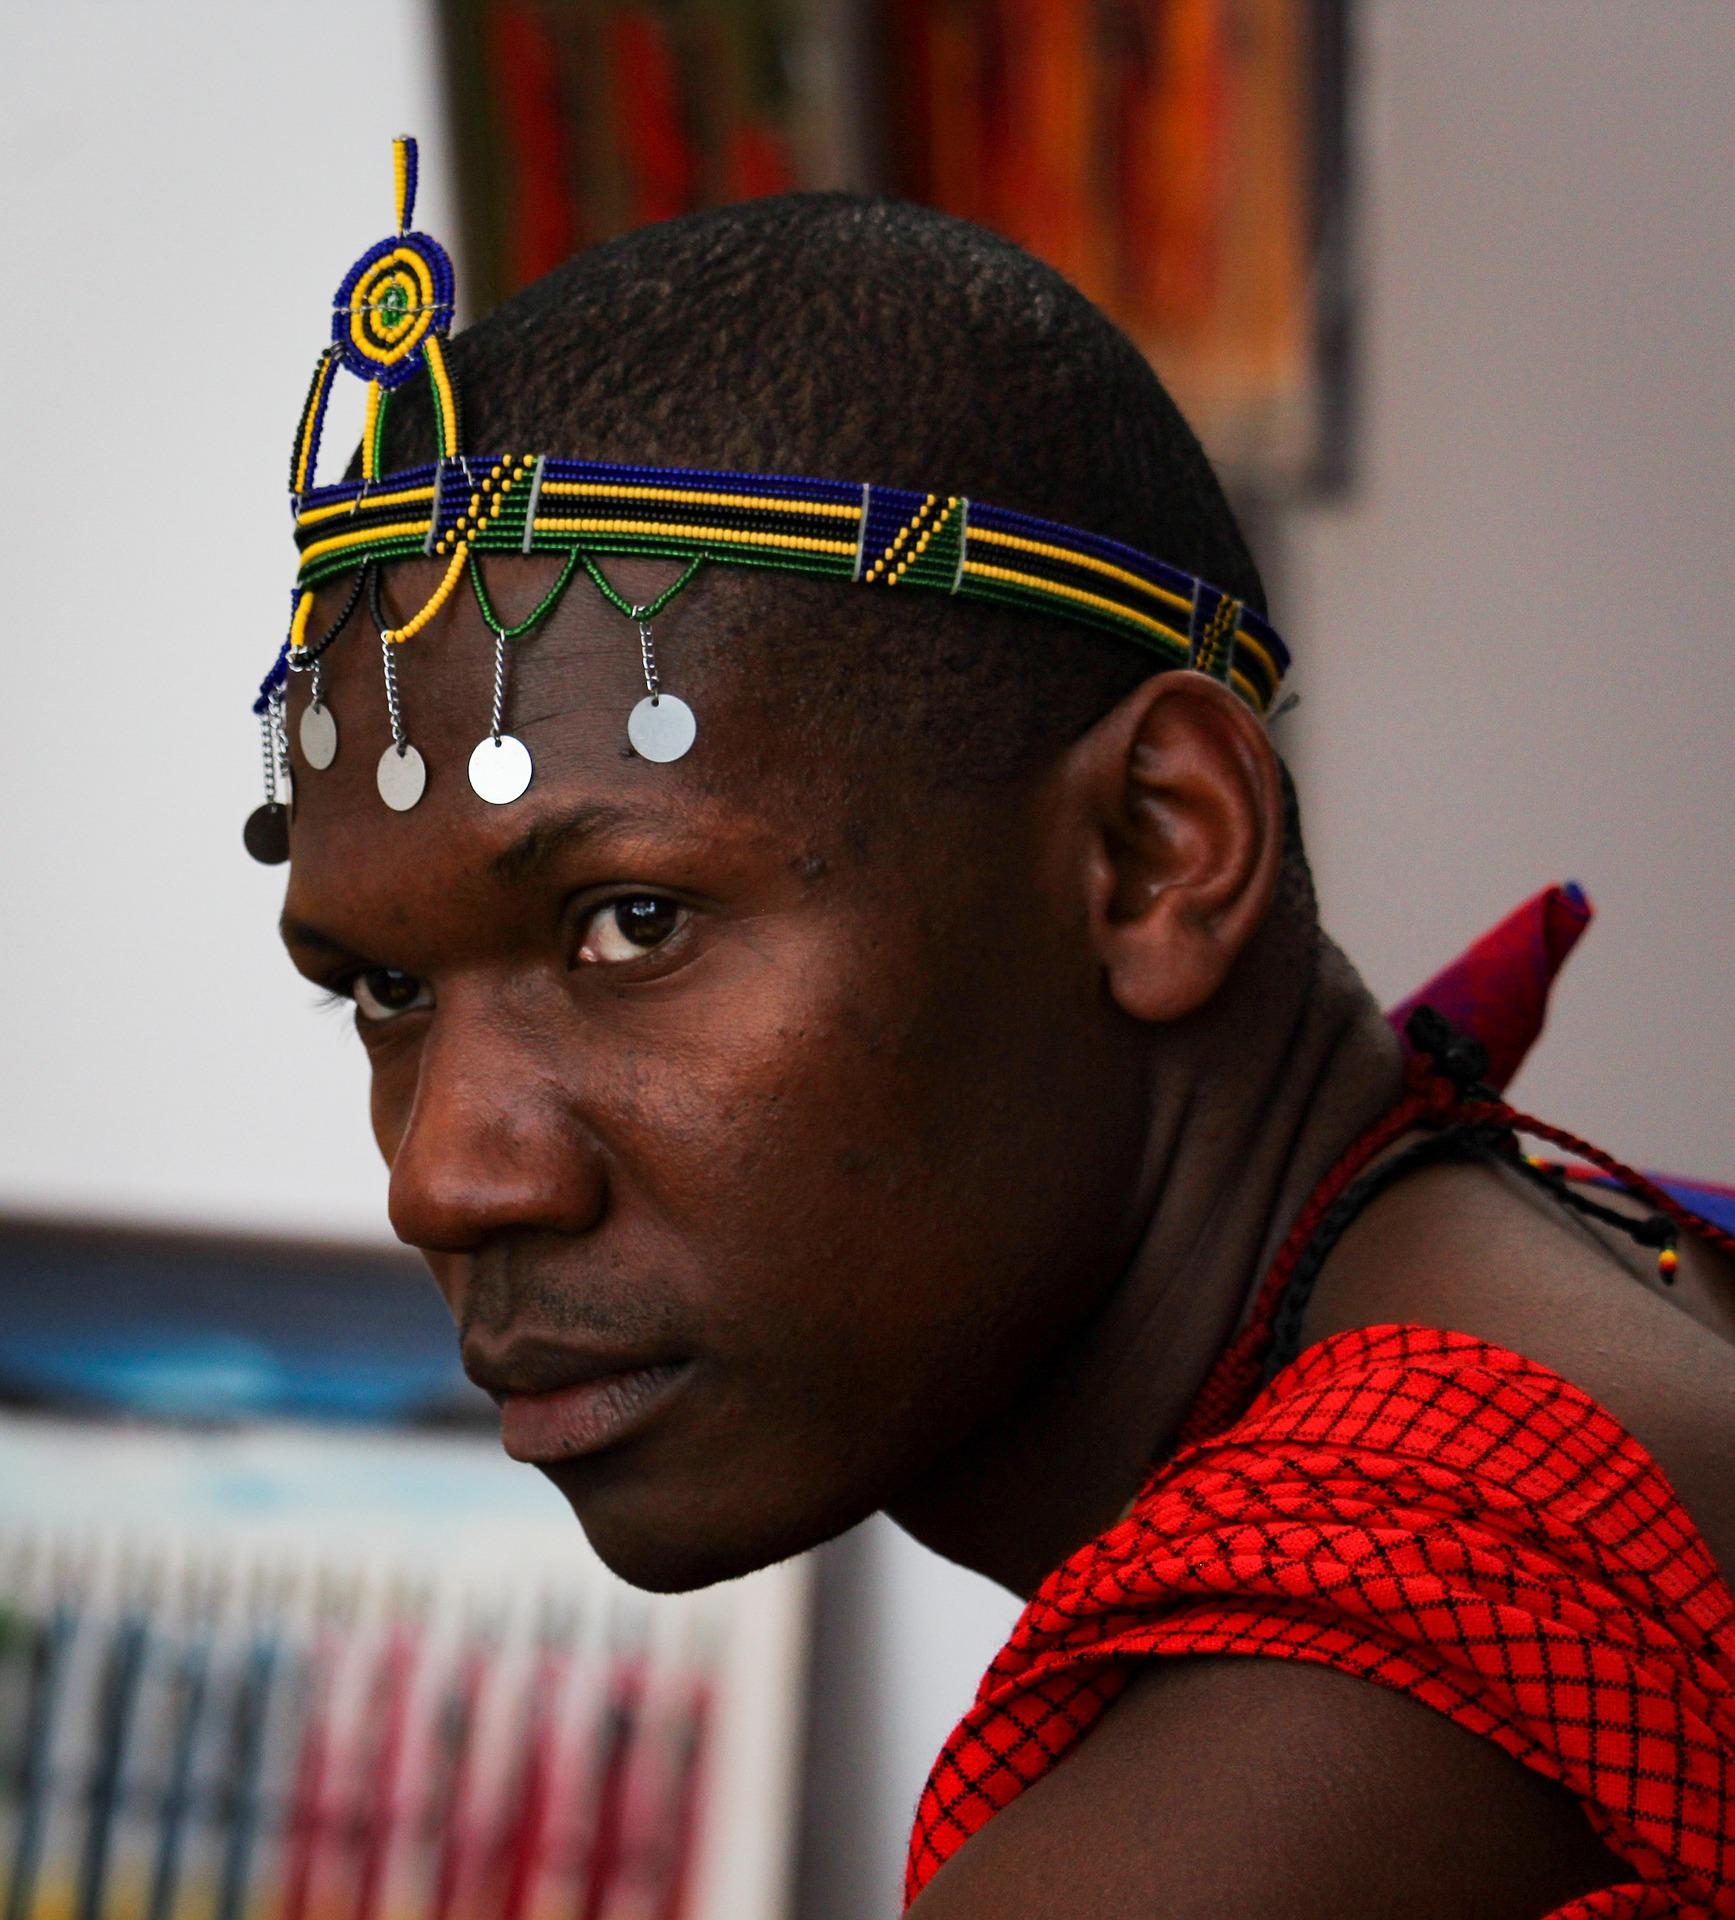 Afričtí utěšitelé